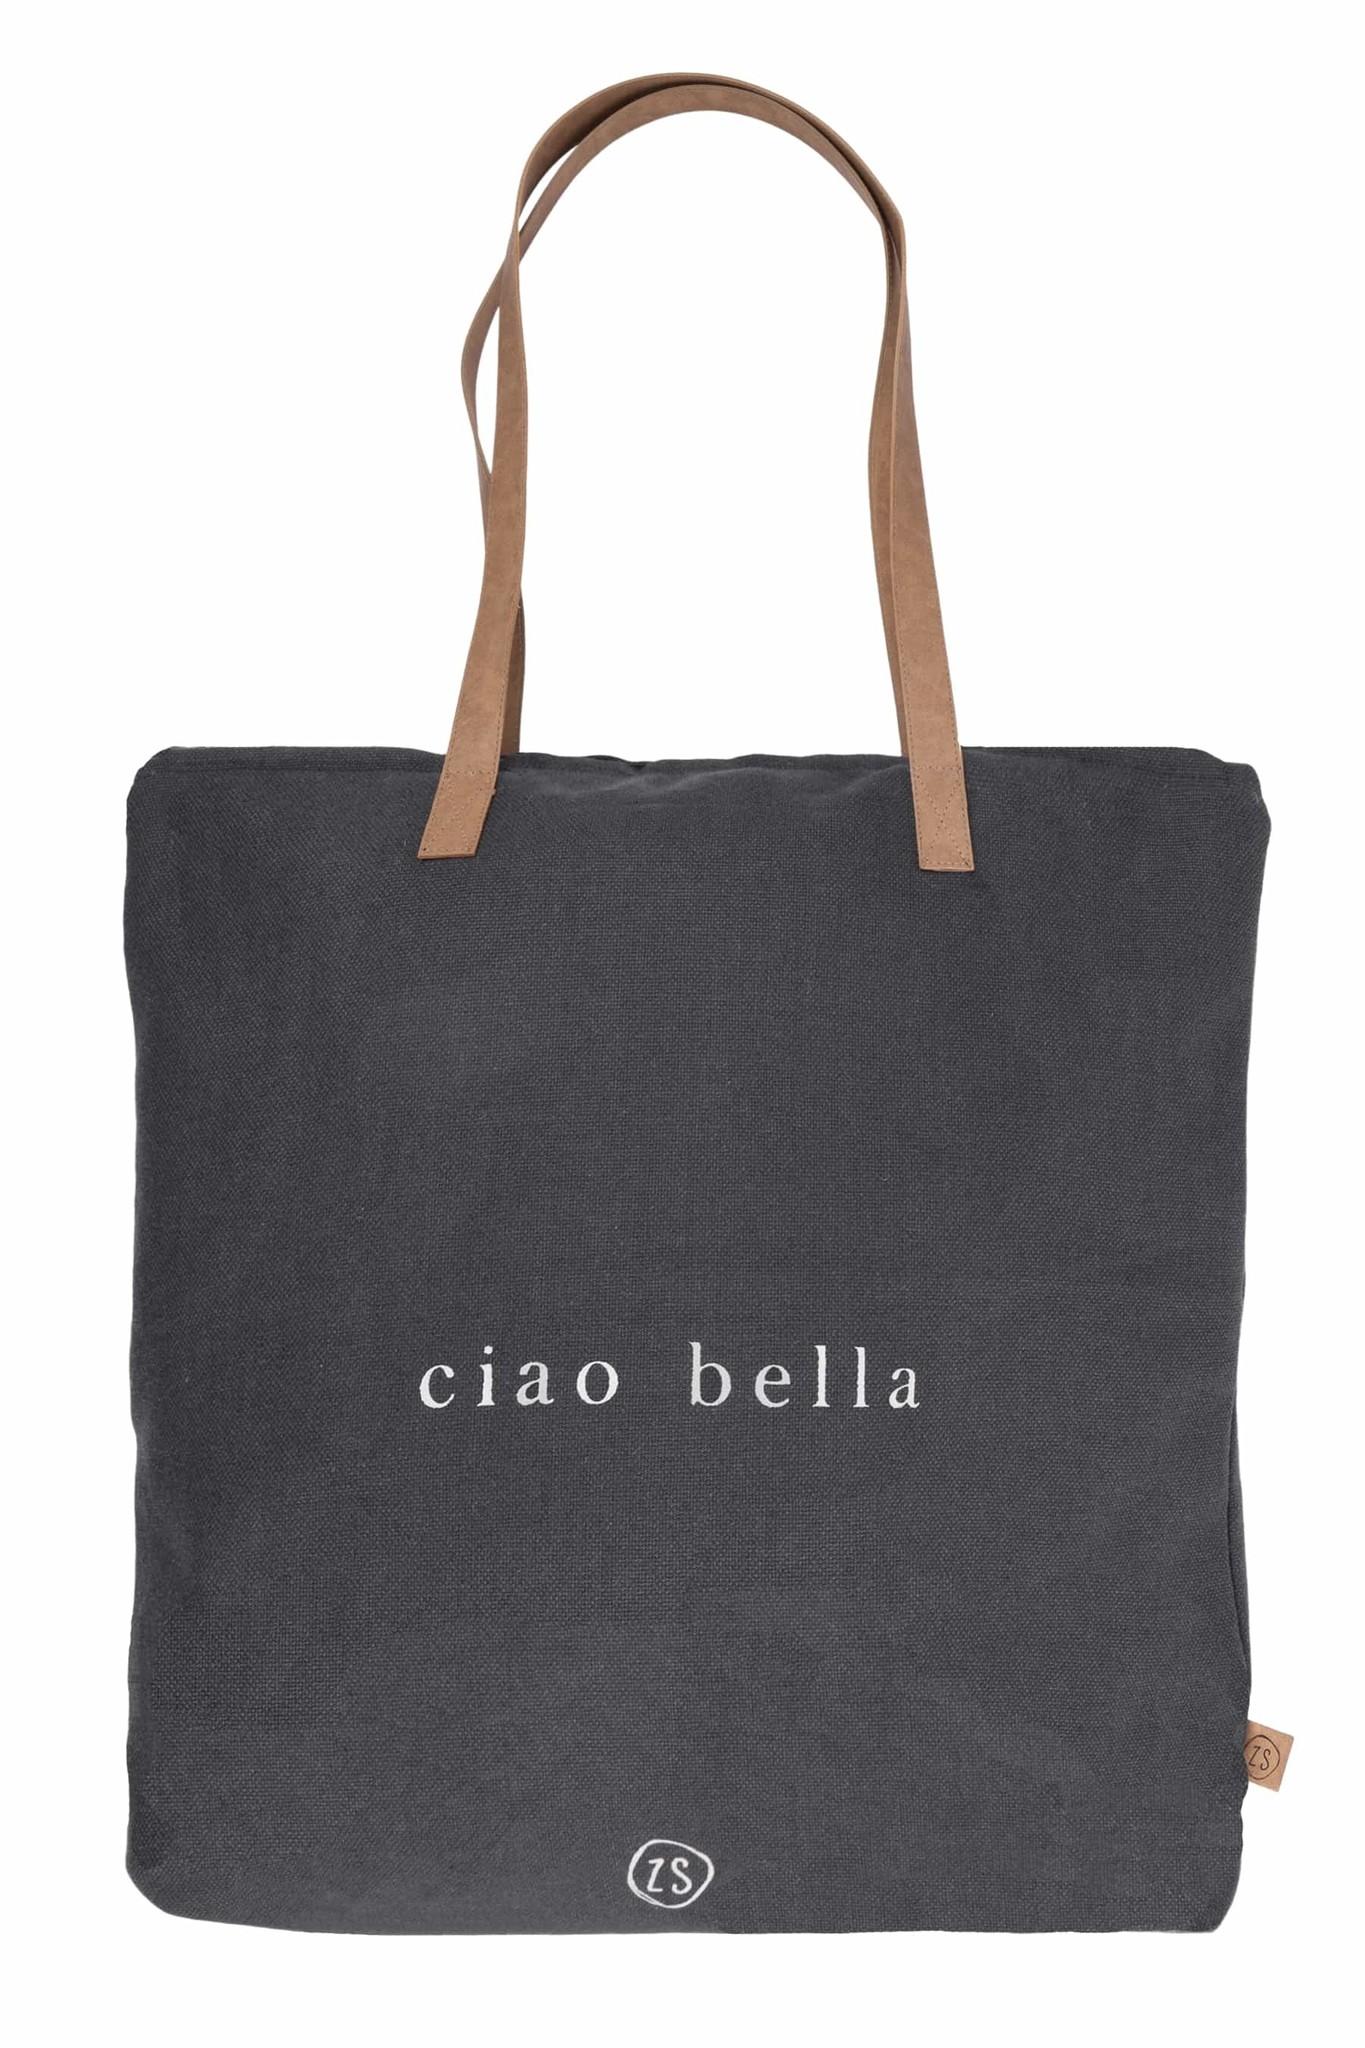 Zusss Hippe boodschappentas ciao bella - antraciet